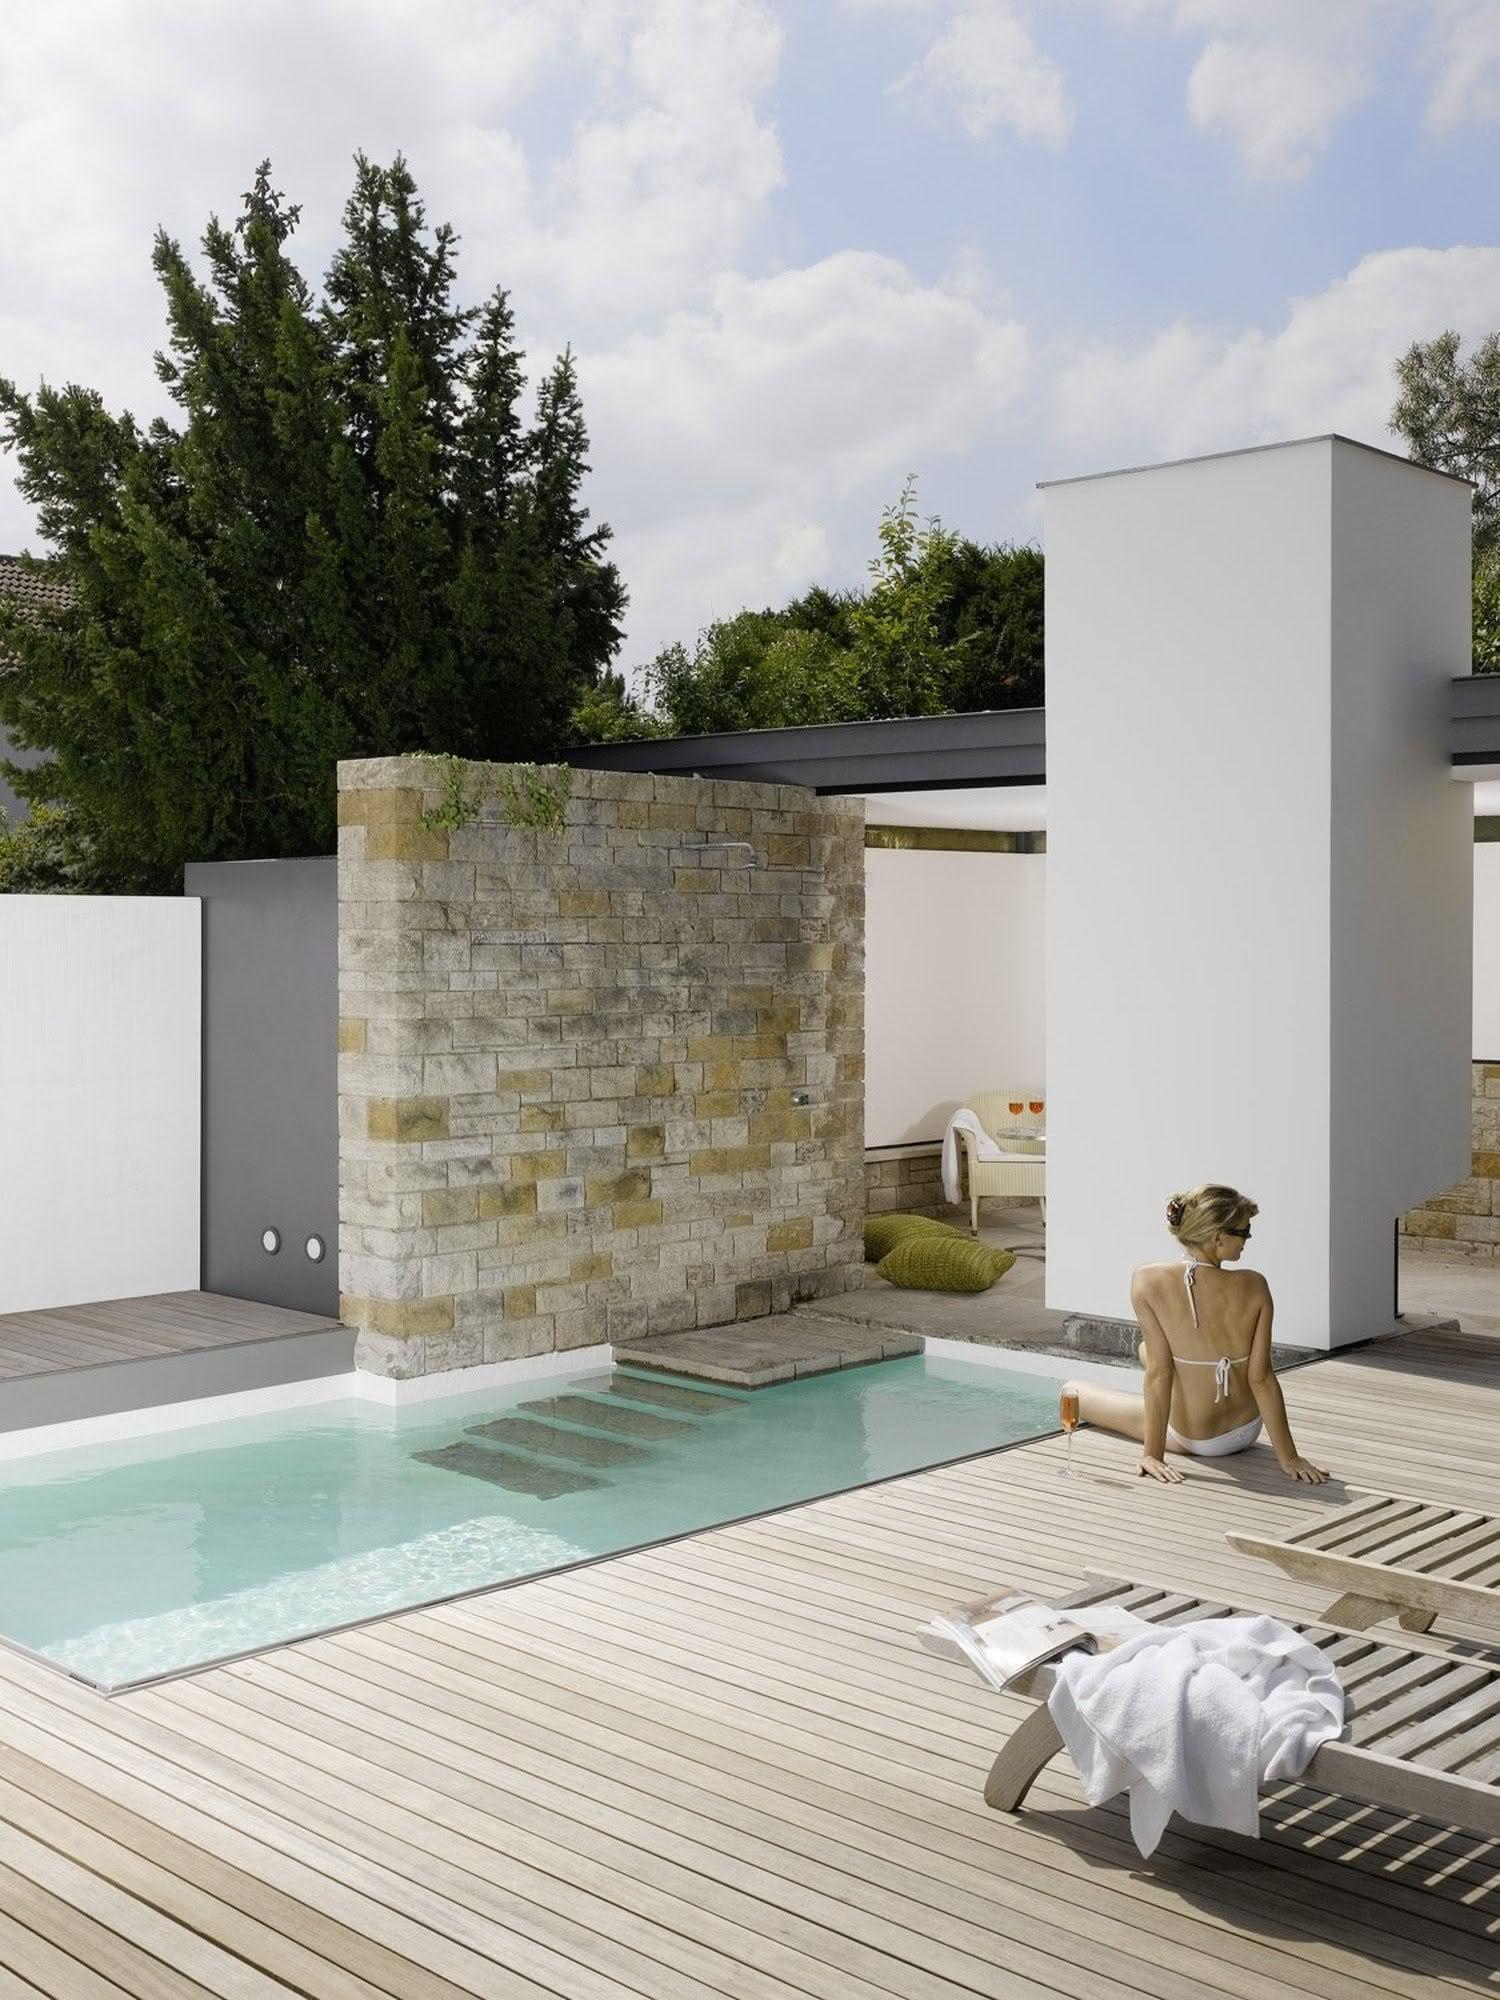 90 piscinas pequenas modelos projetos fotos lindas for Piscinas fotos modelos